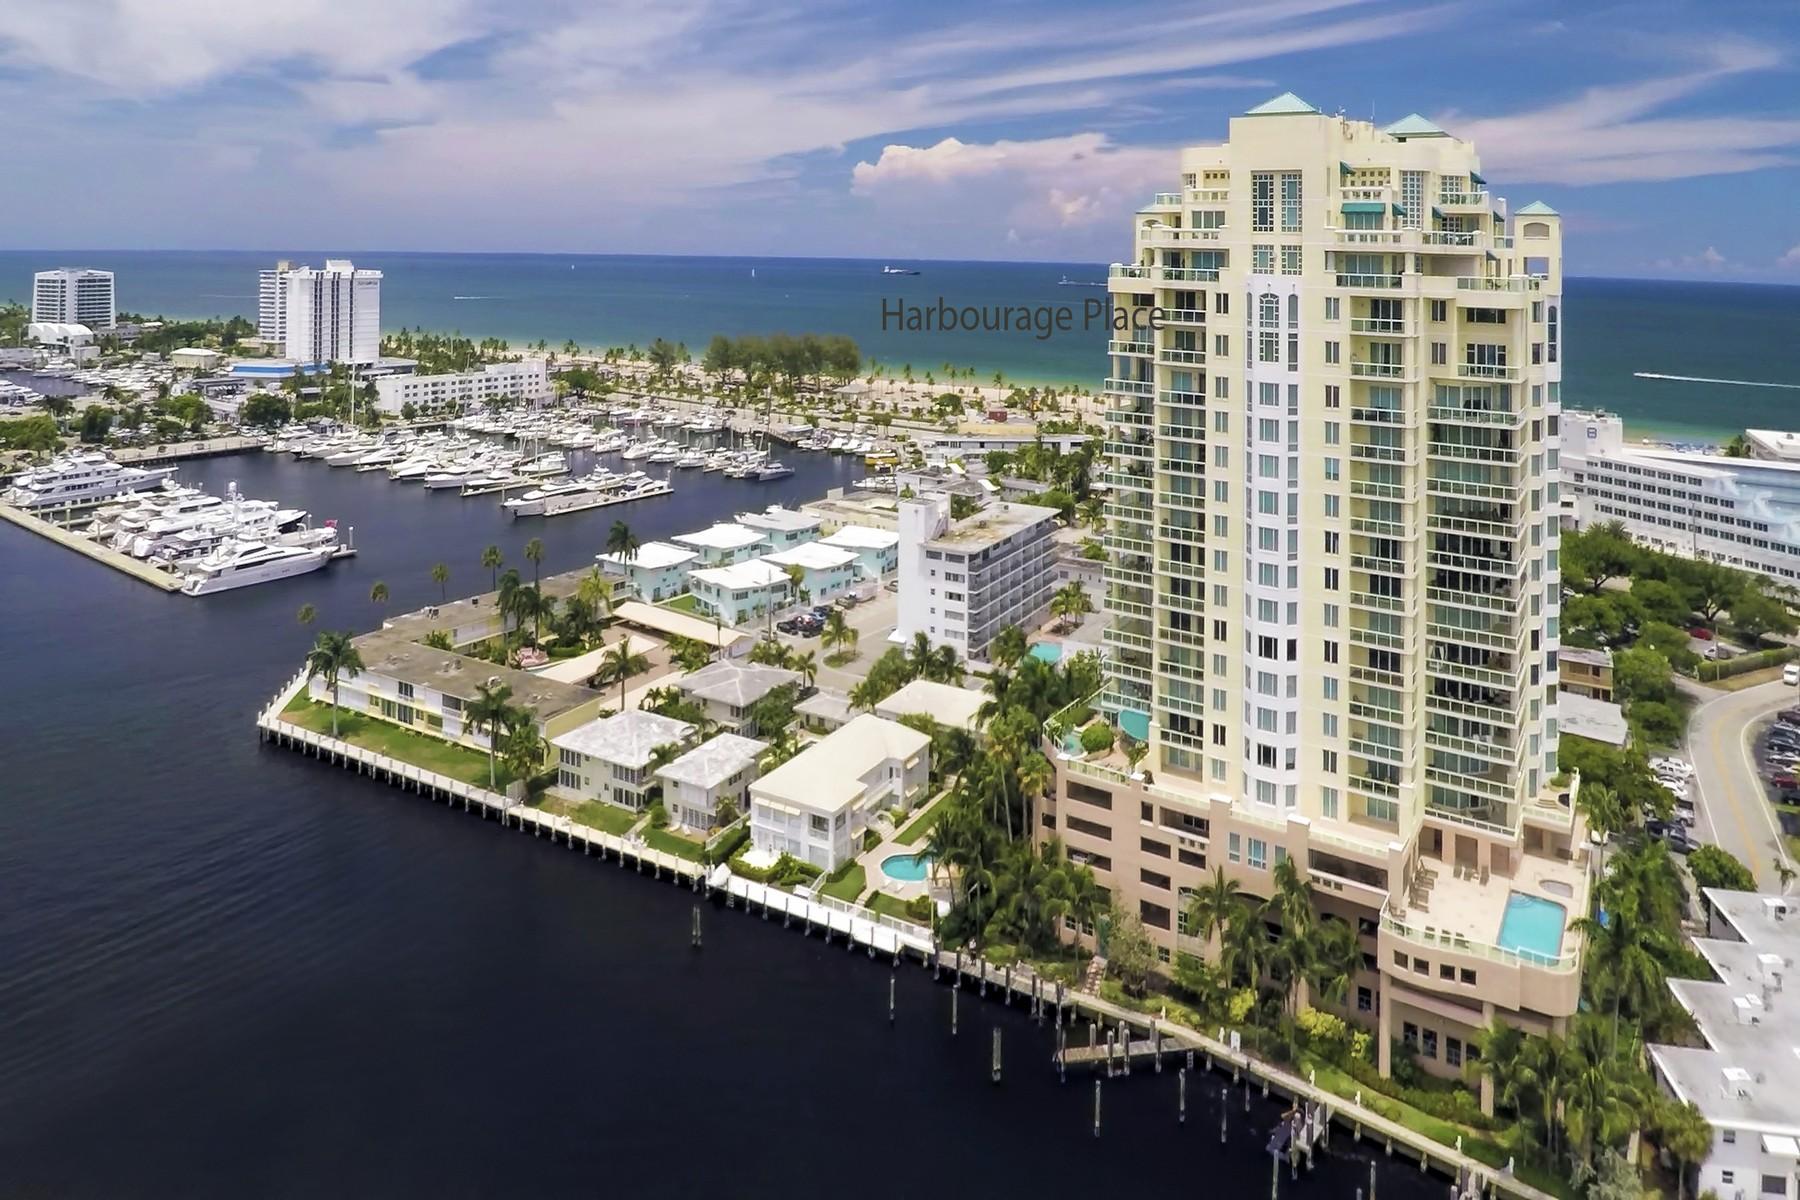 コンドミニアム のために 売買 アット Harbourage Place 3055 Harbor Dr #1903 Fort Lauderdale, フロリダ 33316 アメリカ合衆国